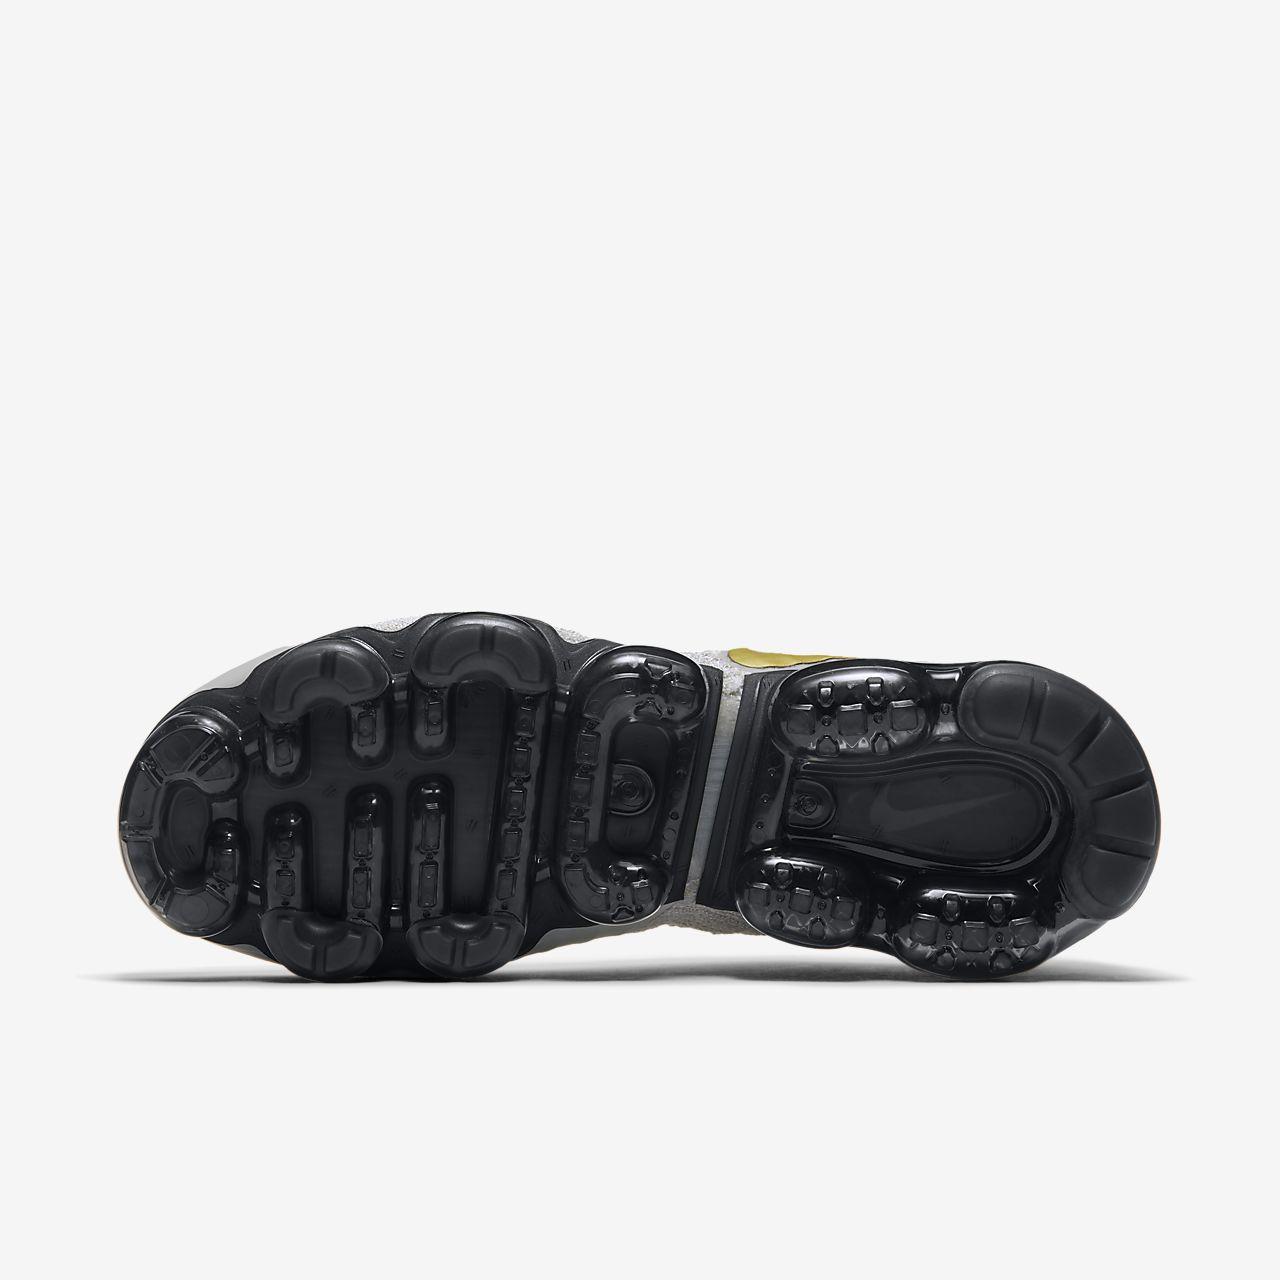 847aab0774a5 Nike Air VaporMax Flyknit 2 Women s Shoe. Nike.com AU